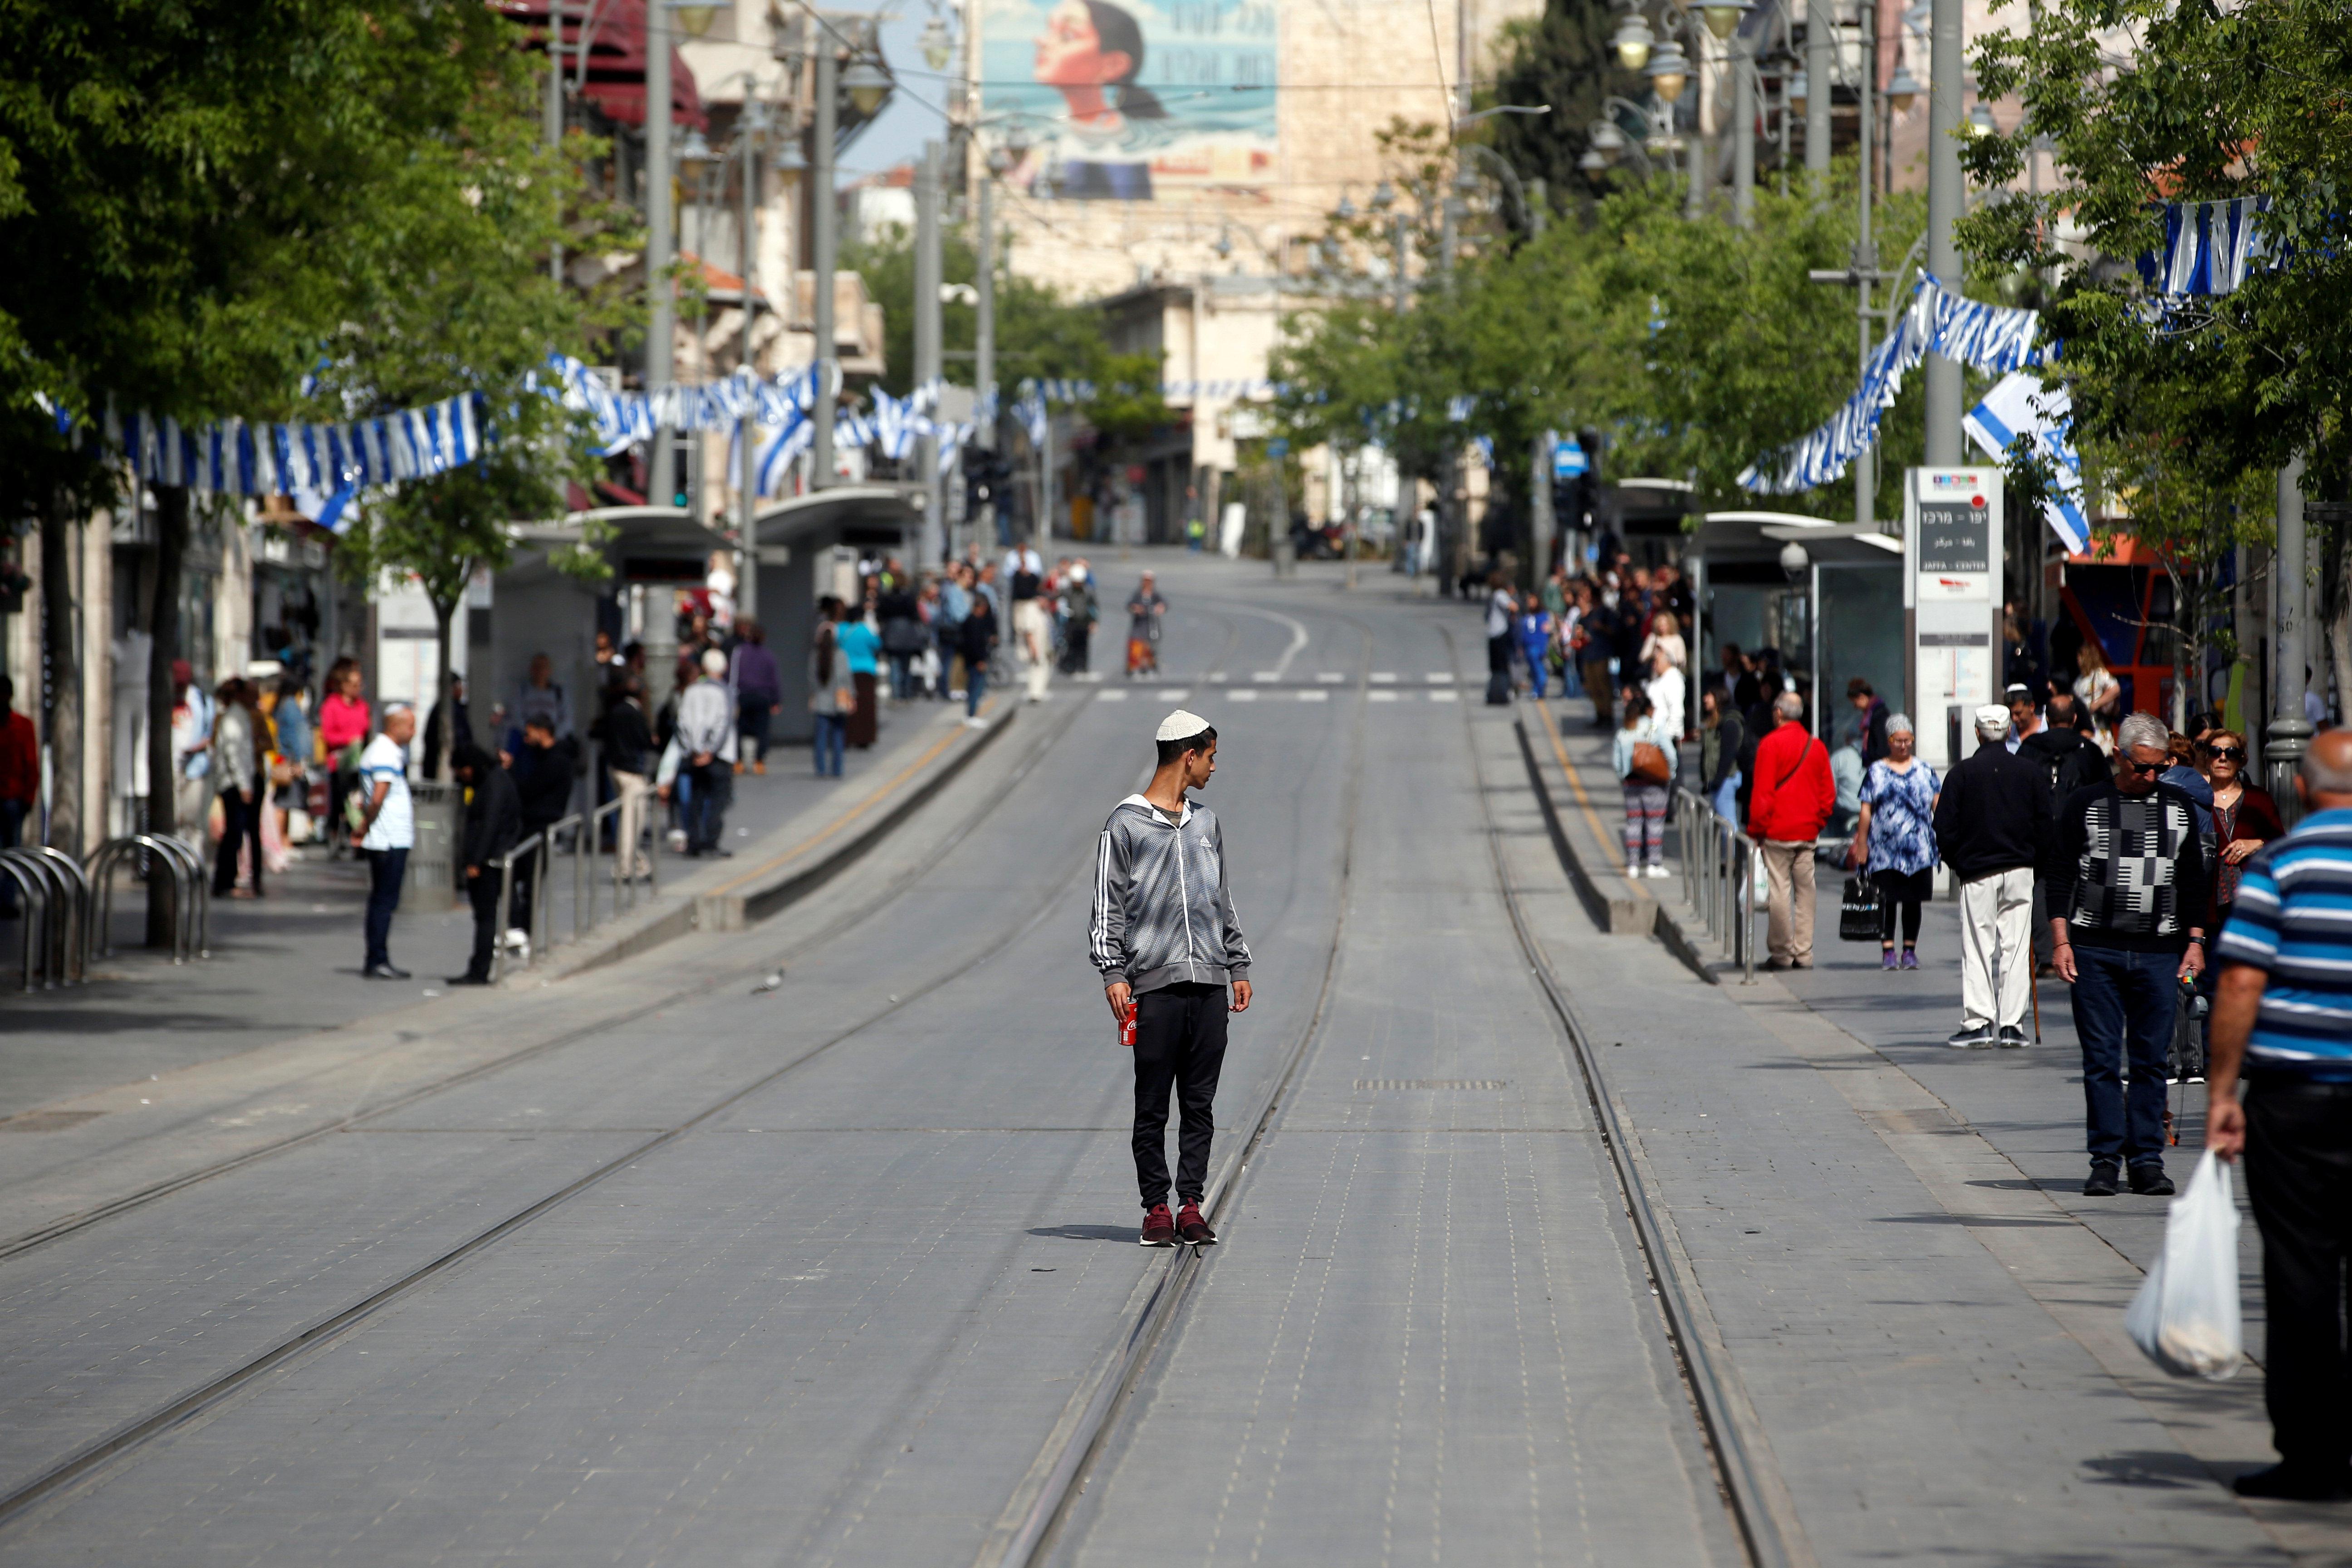 イスラエル全土で、あらゆる人がすべての動きを止め、その場で黙祷した(画像集)